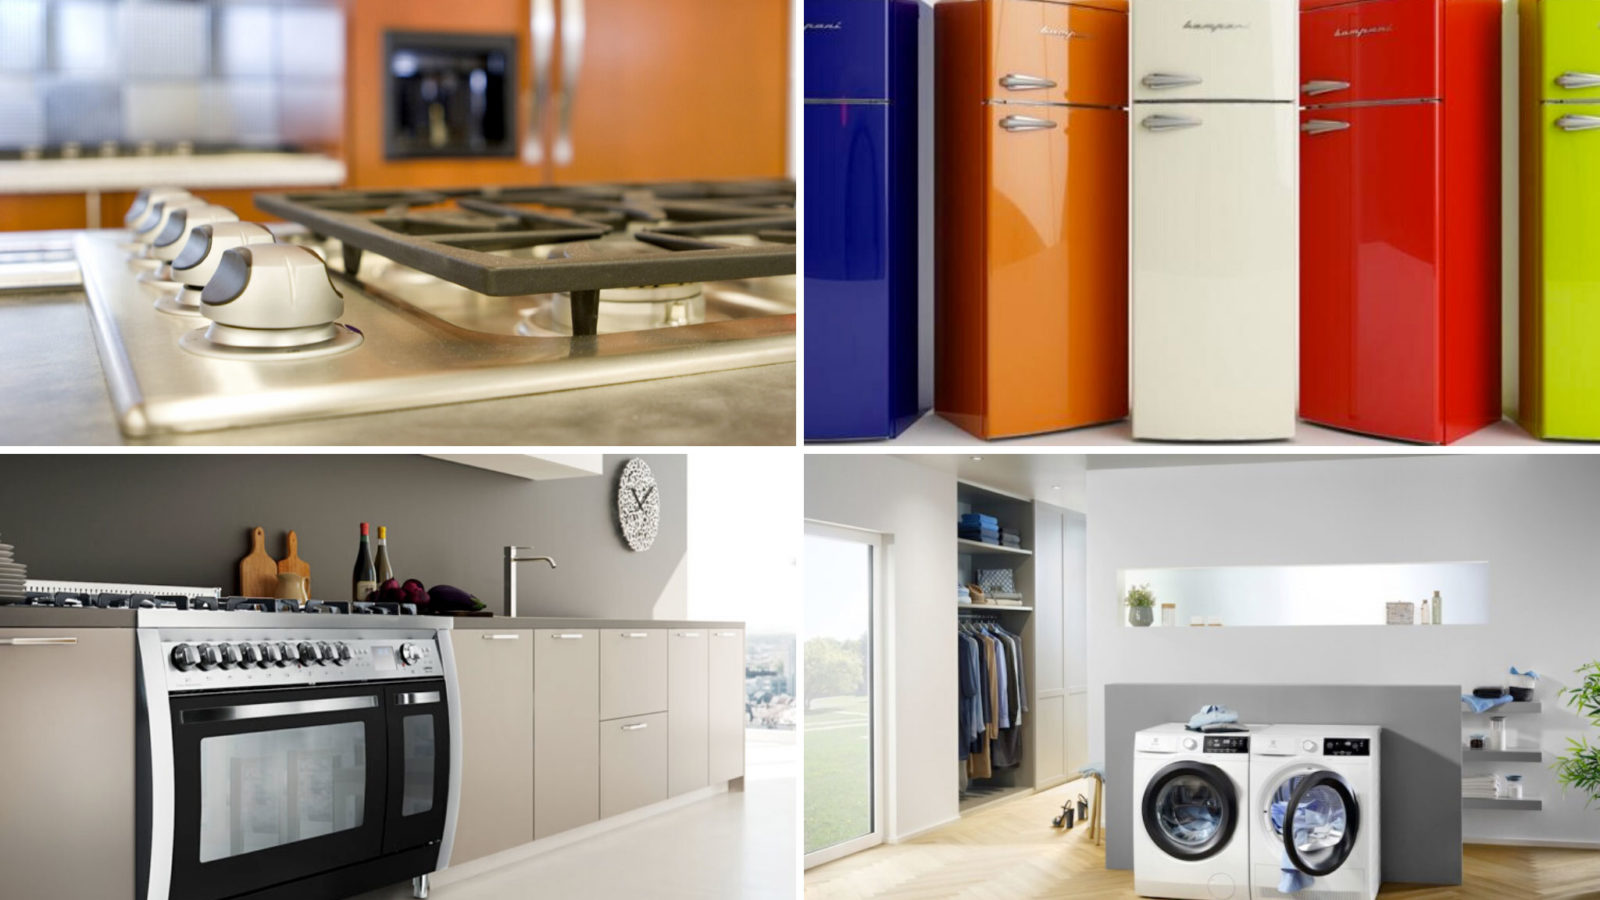 Vendita e assistenza cucine a gas e grandi elettrodomestici